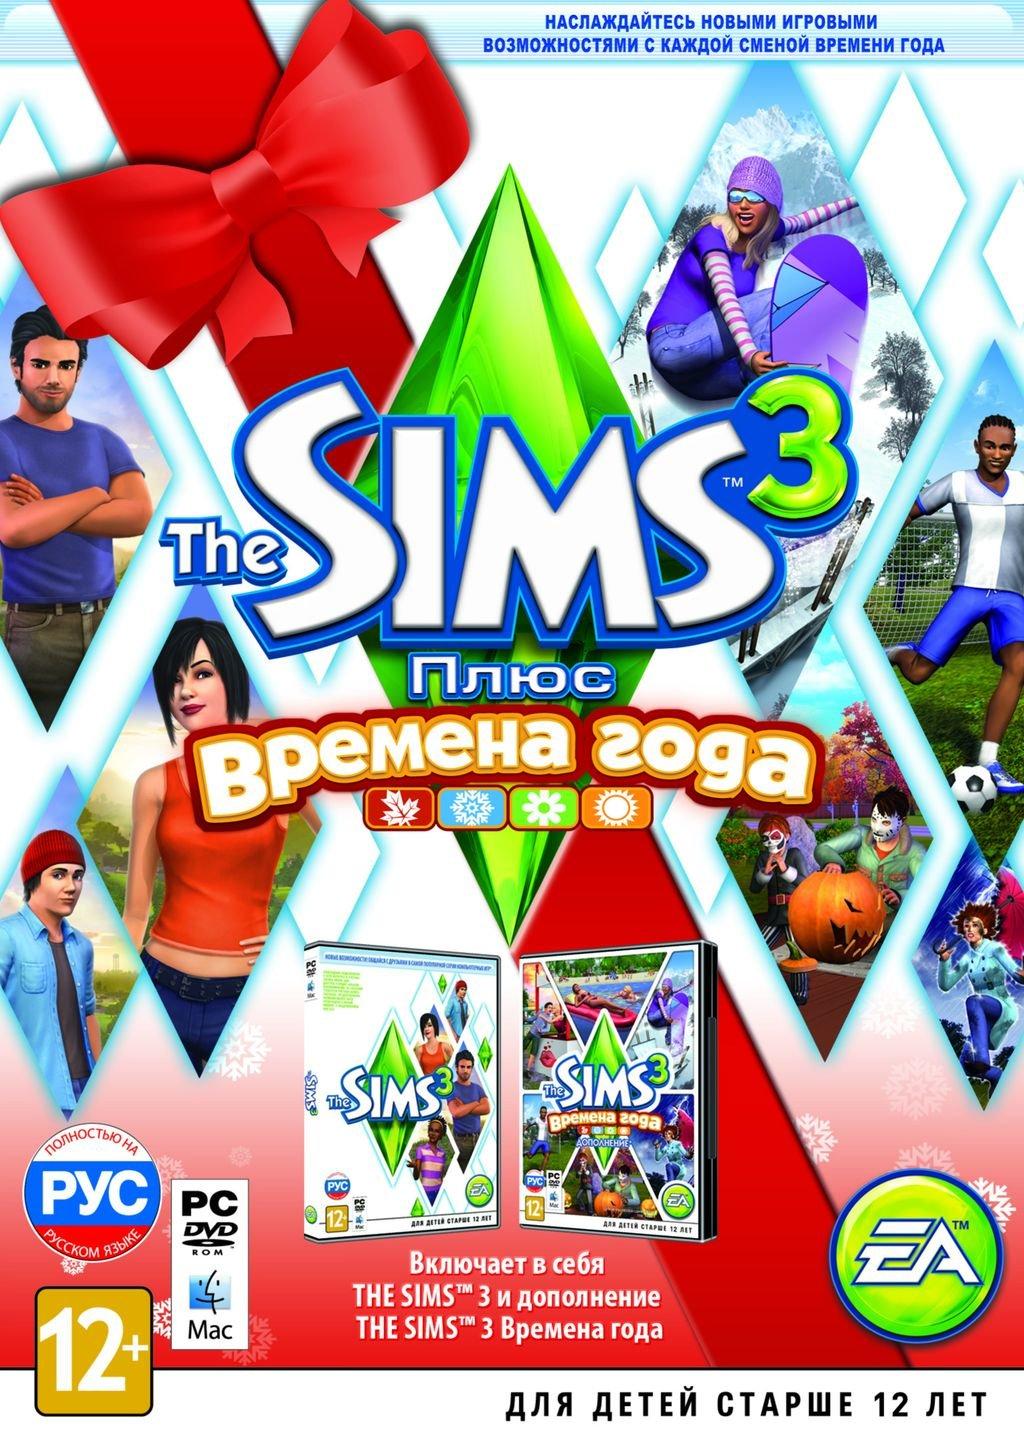 The sims 3 времена года скачать торрент бесплатно - 5401